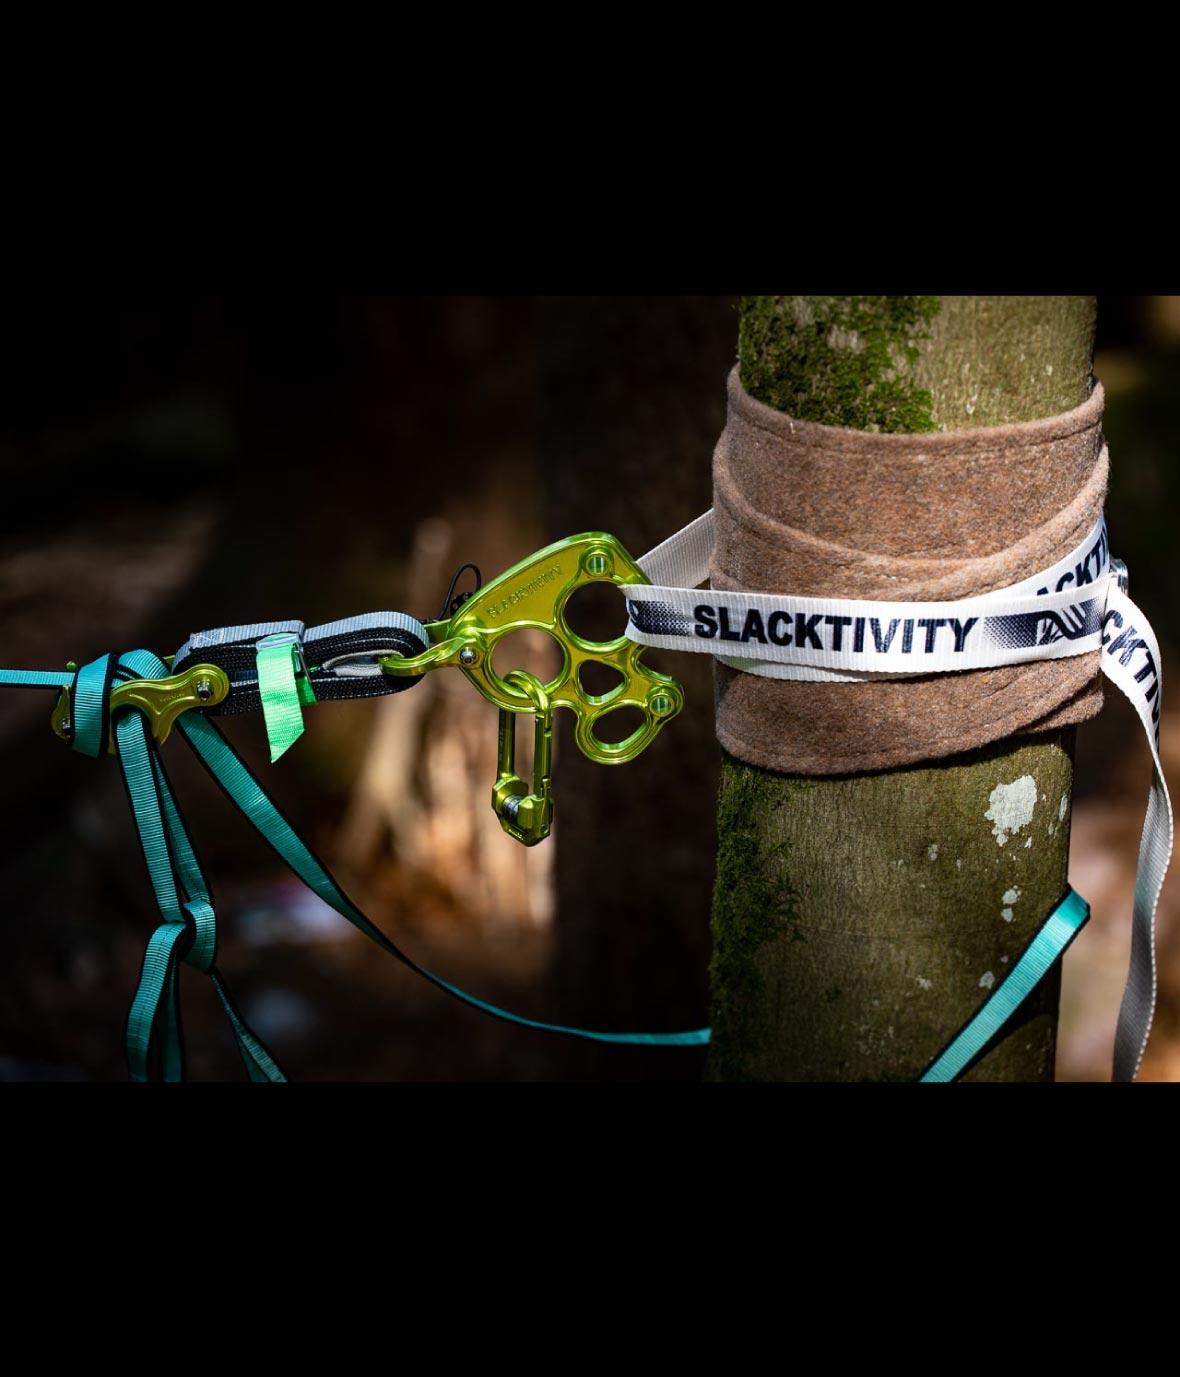 kingpin slacktivity aluminium shackle